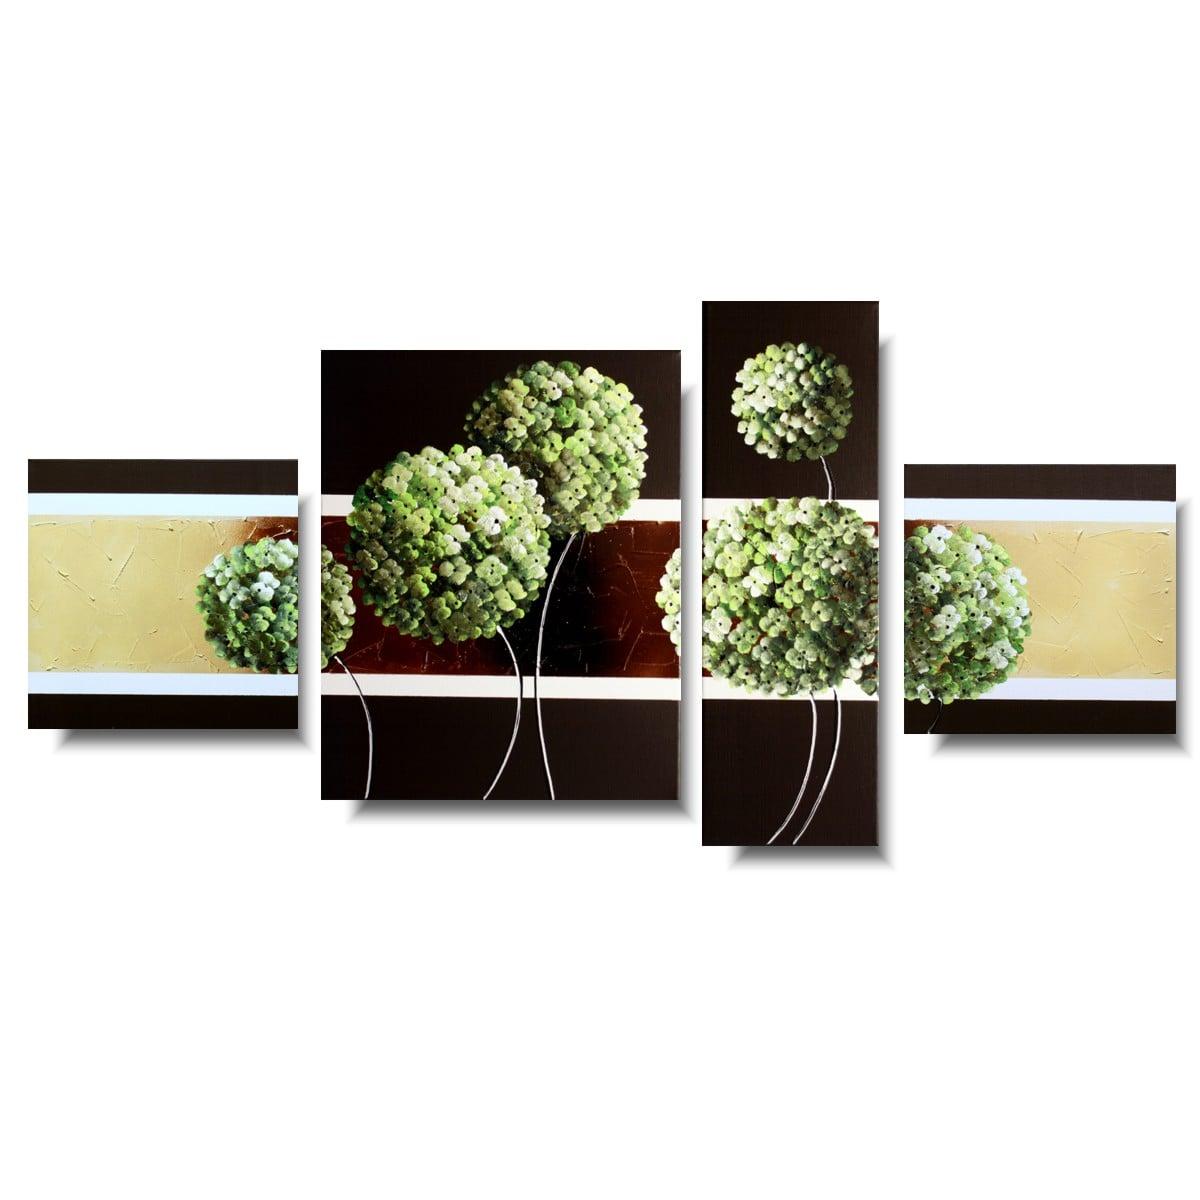 Modny obraz kwiaty zielone oliwkowe hortensje 1186A